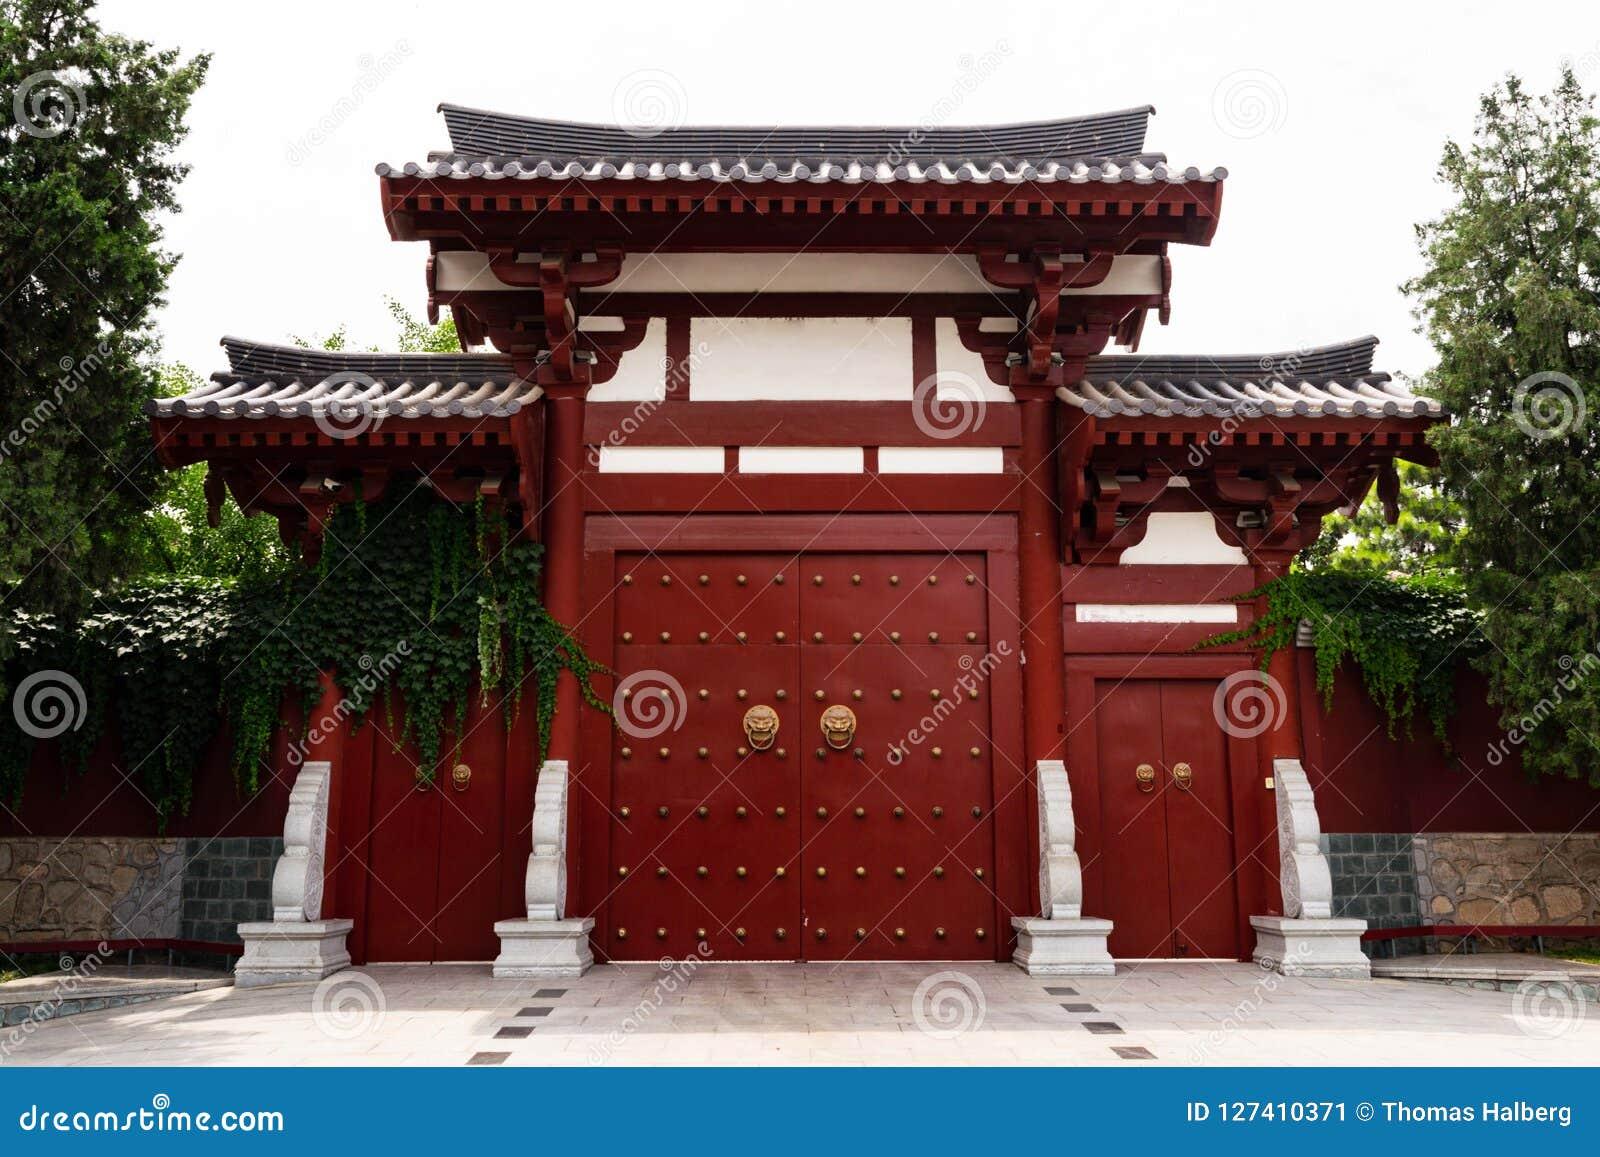 Puerta en un templo budista - XI `, China del estilo chino